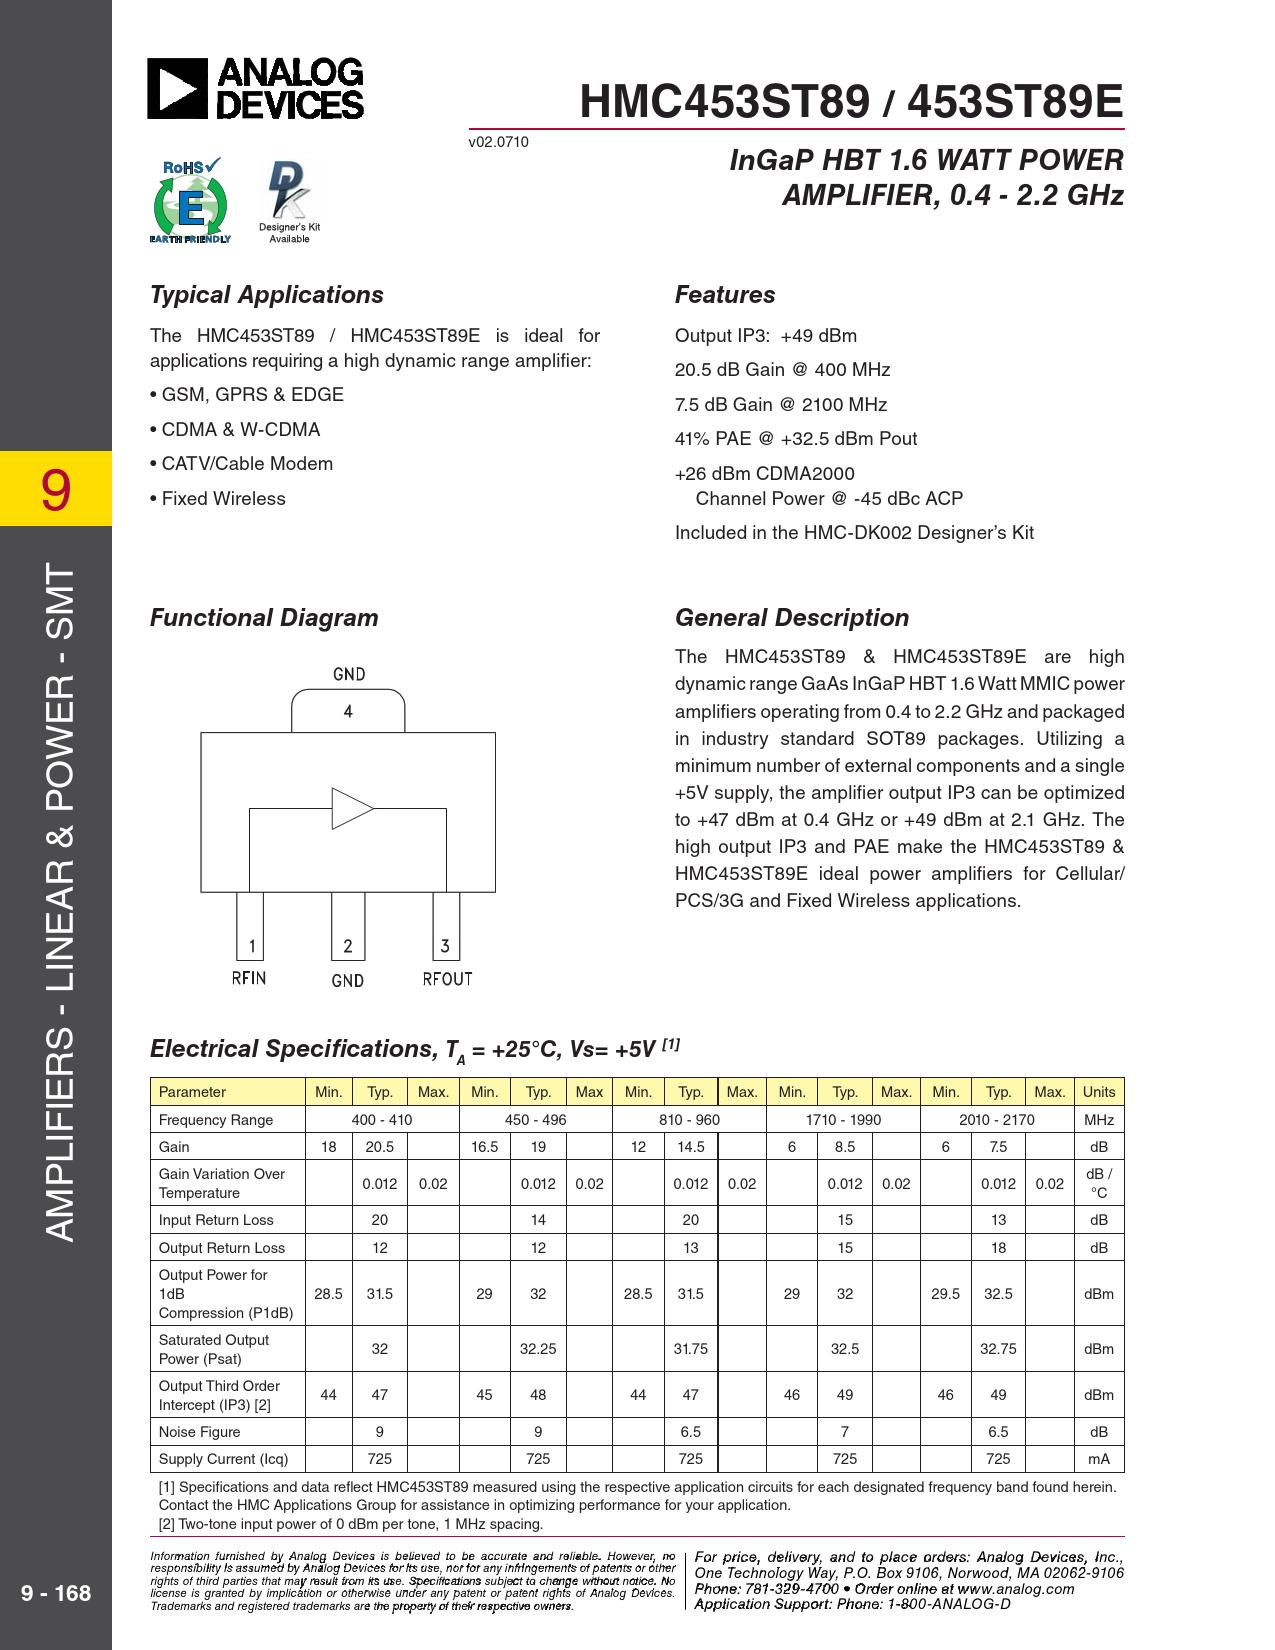 Datasheet HMC453ST89 Analog Devices